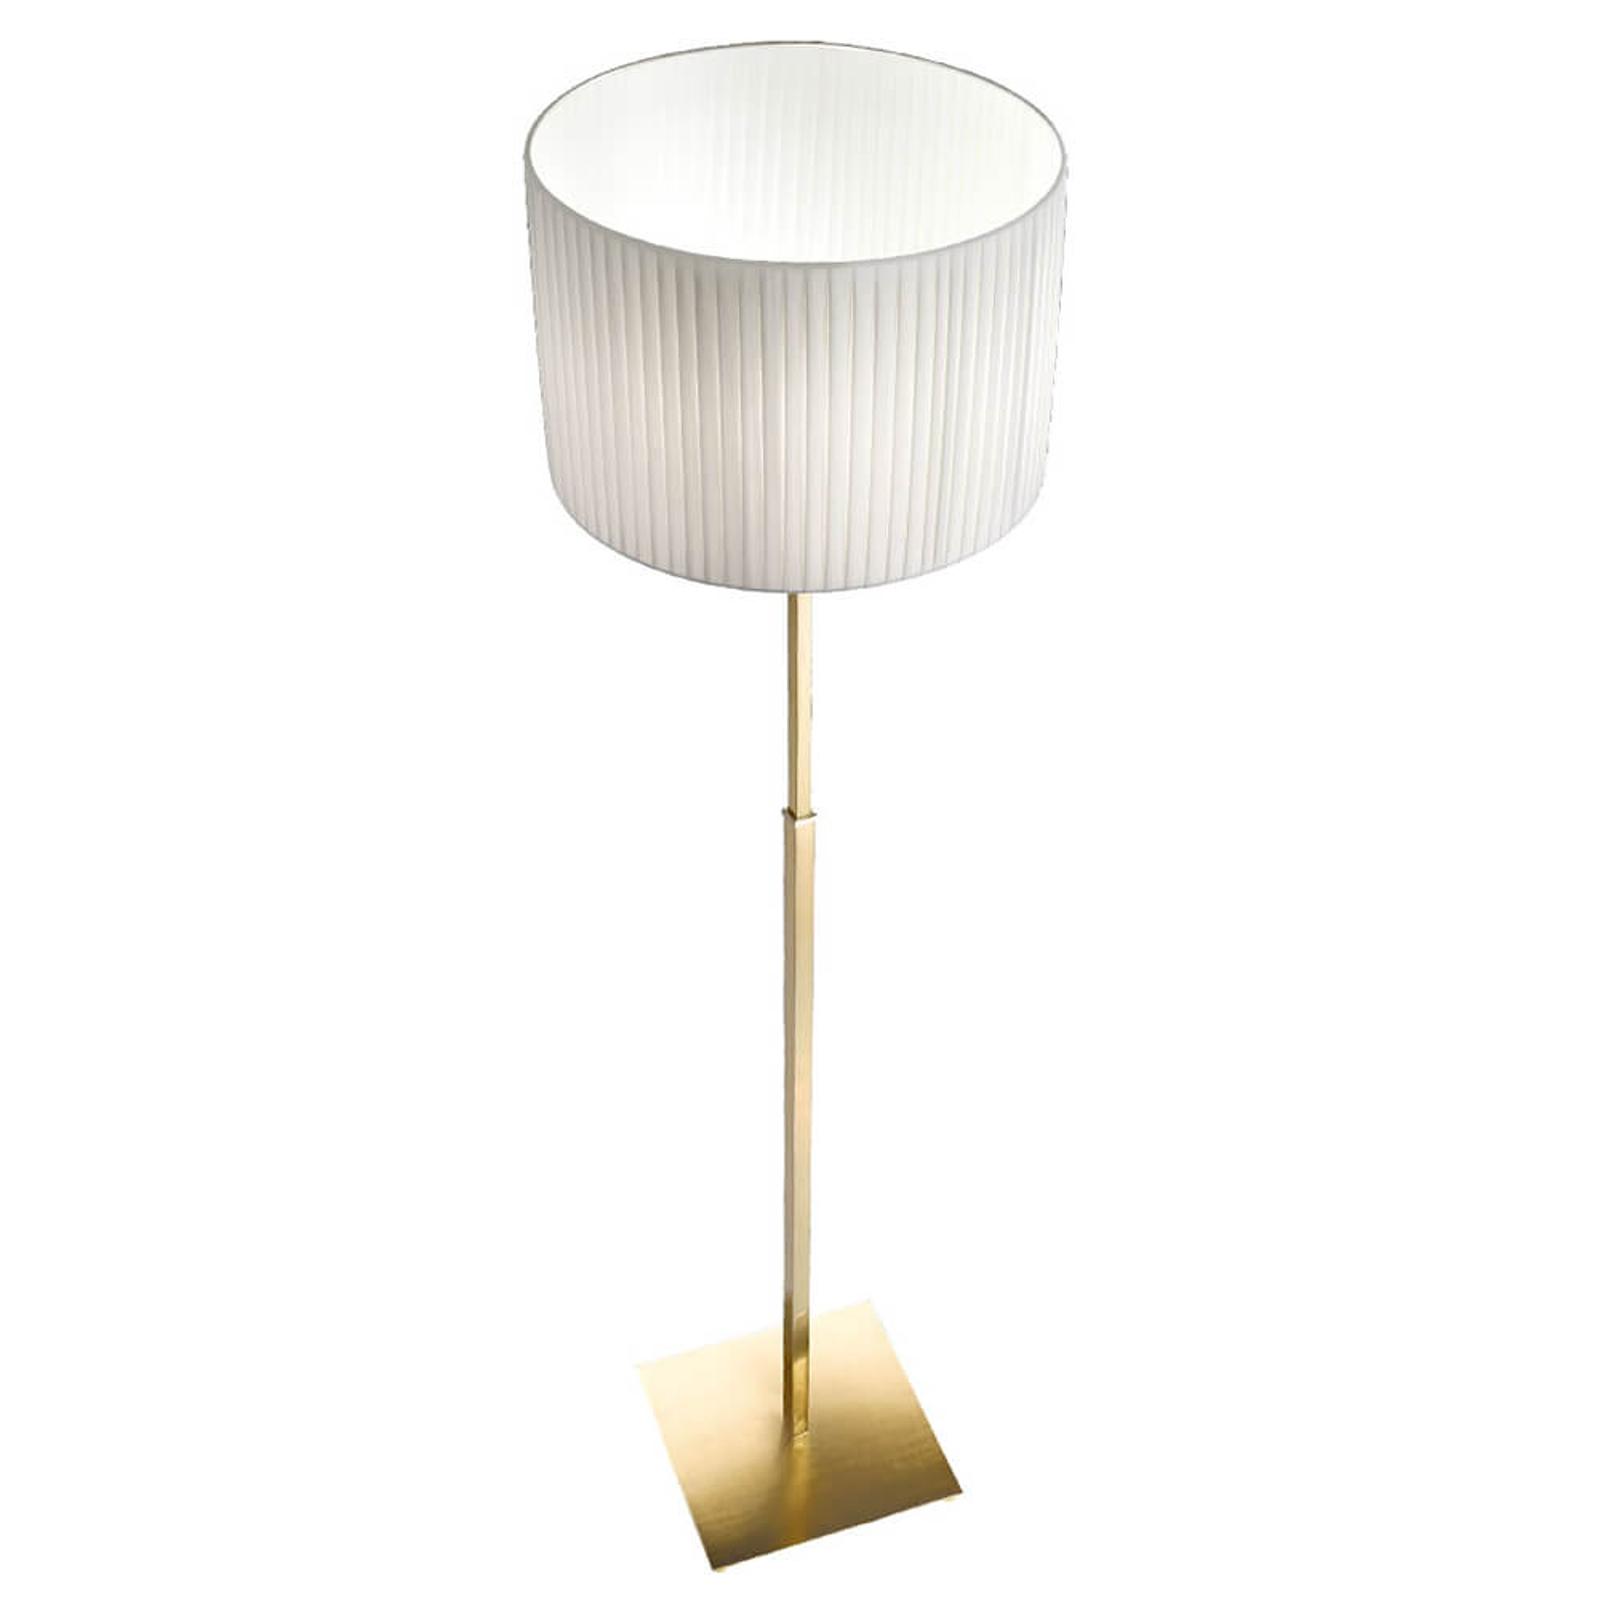 KOLARZ Sand - vloerlamp met messing frame